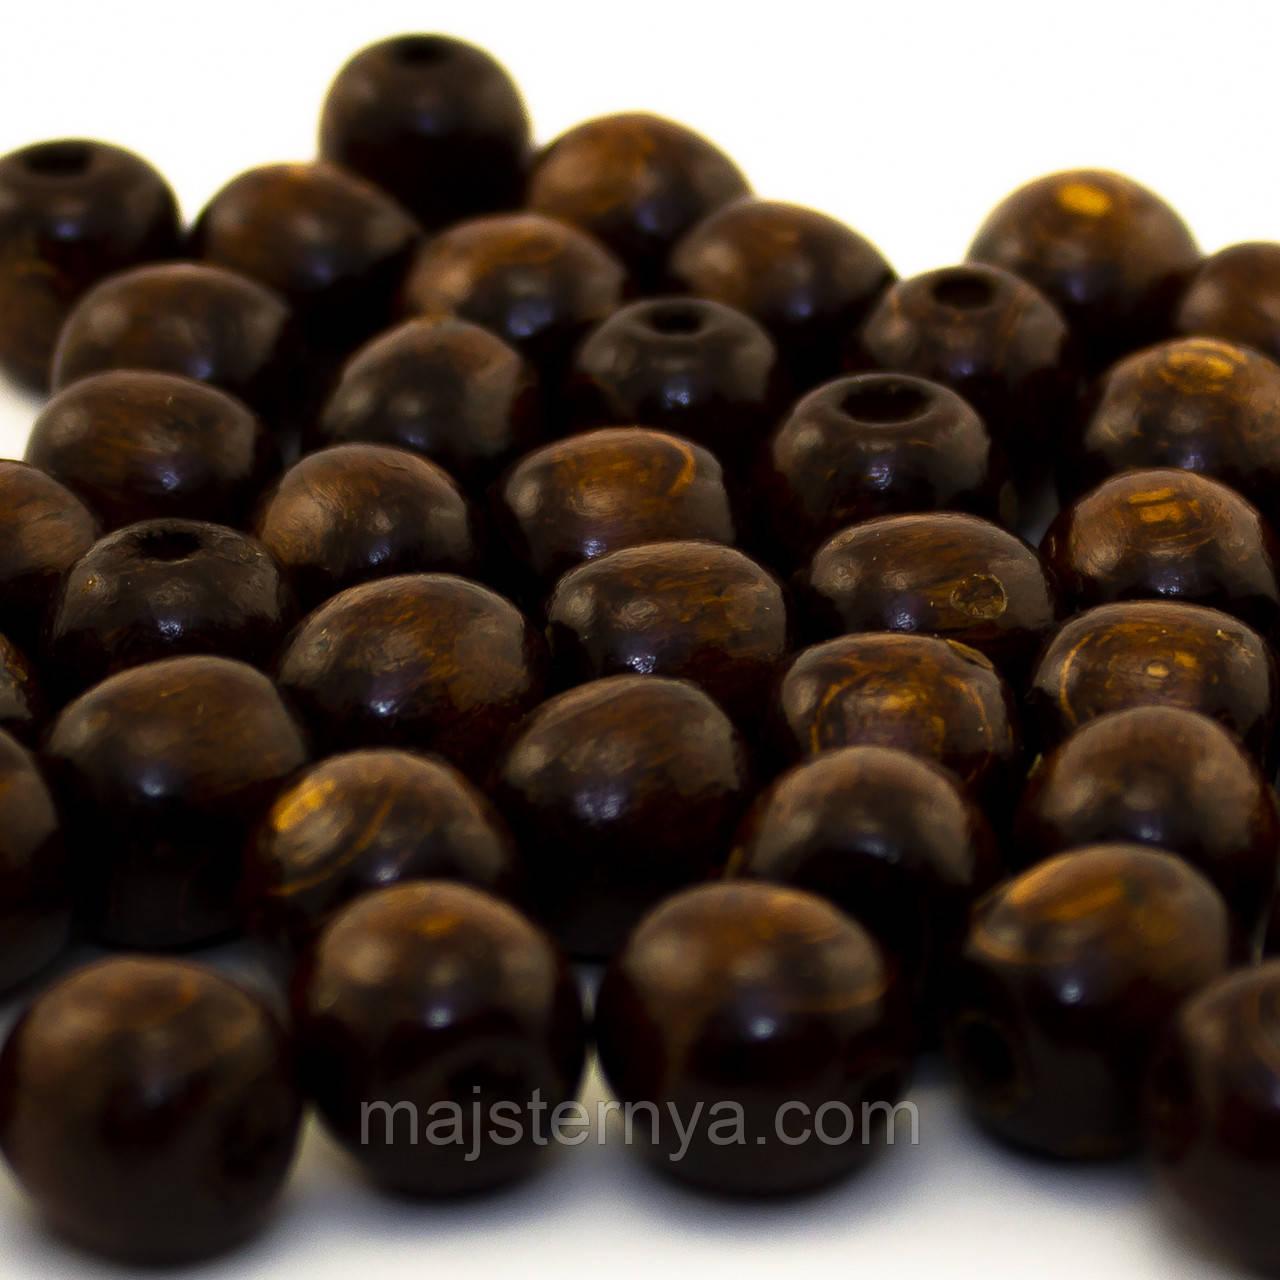 Дерев'яні бусини 1,3см коричневого кольору